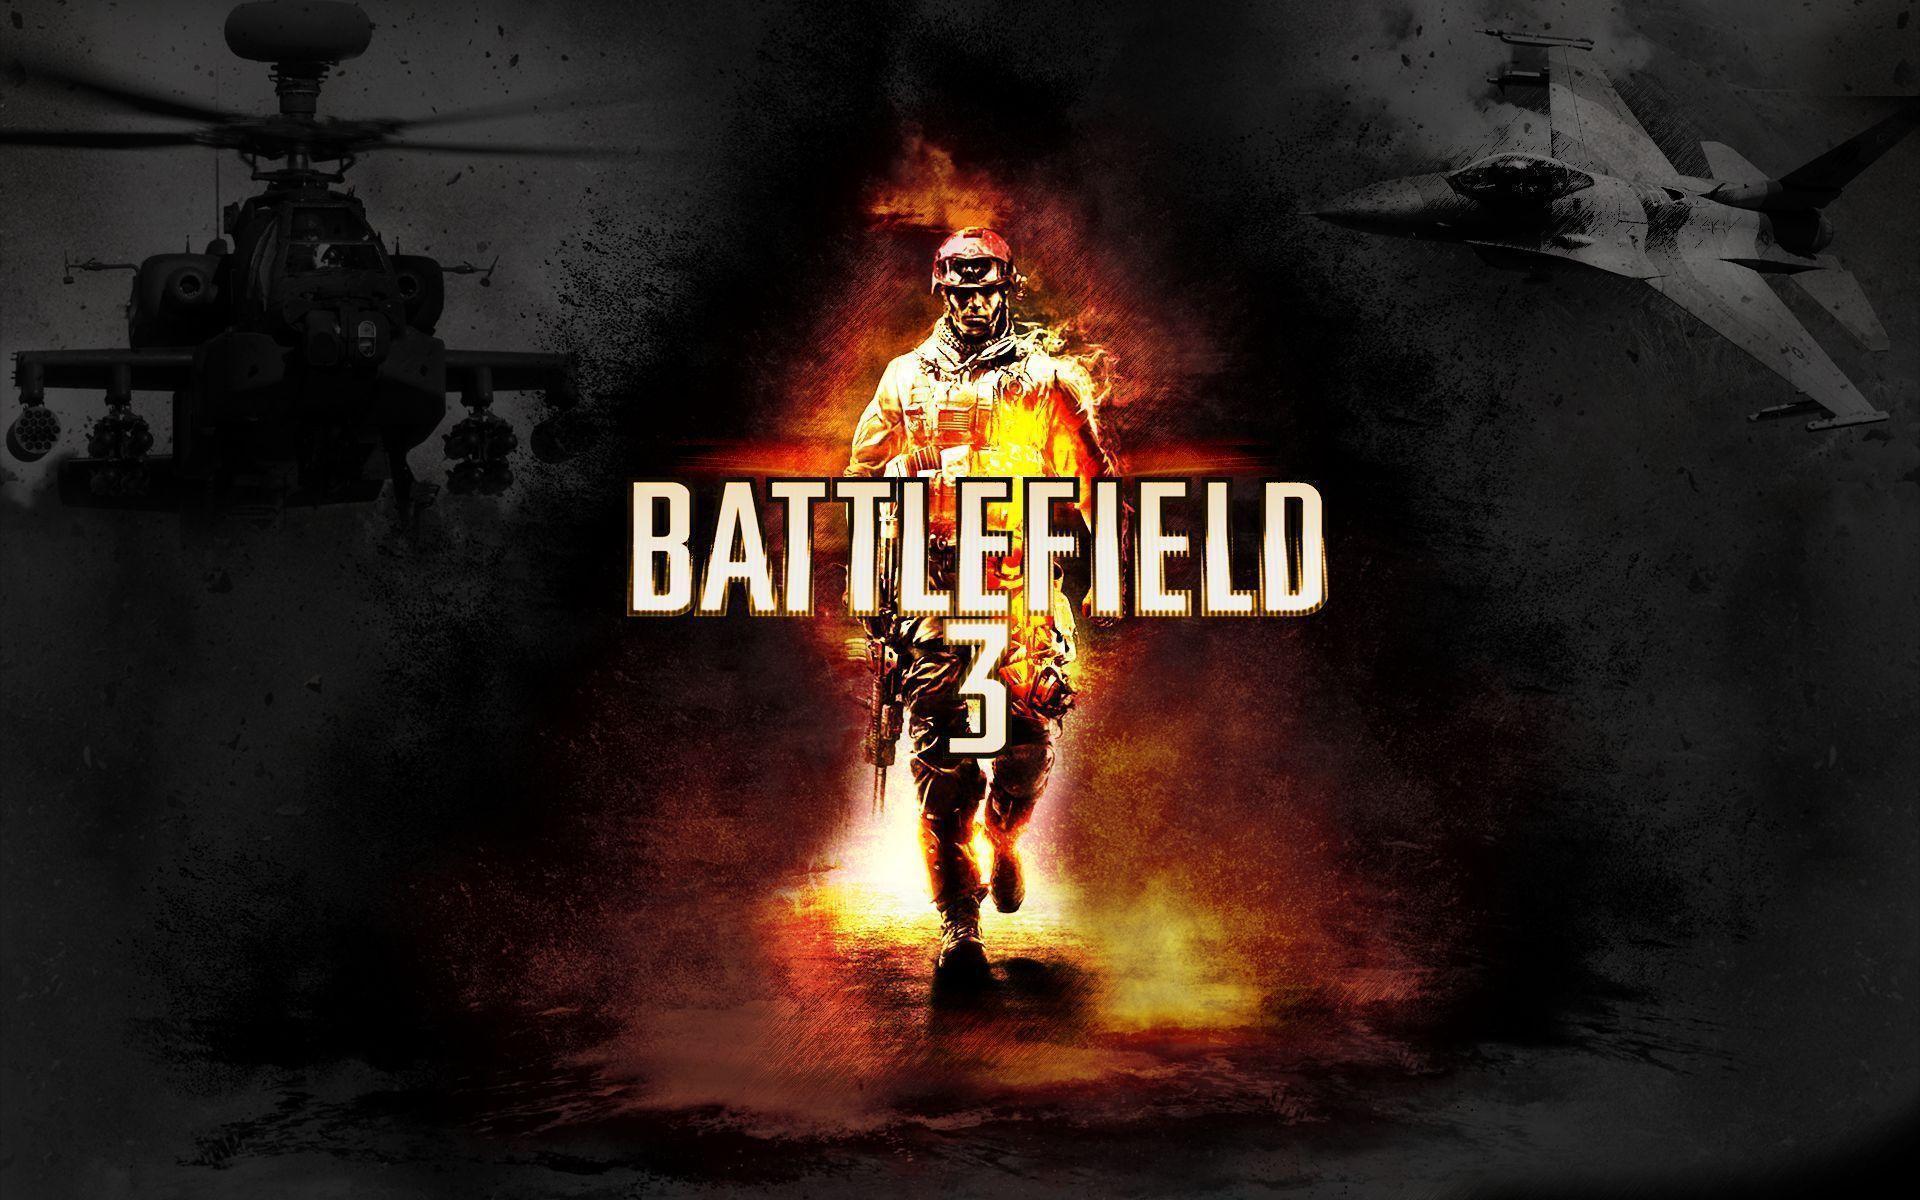 Battlefield 3 Skull Wallpaper - huguimgs